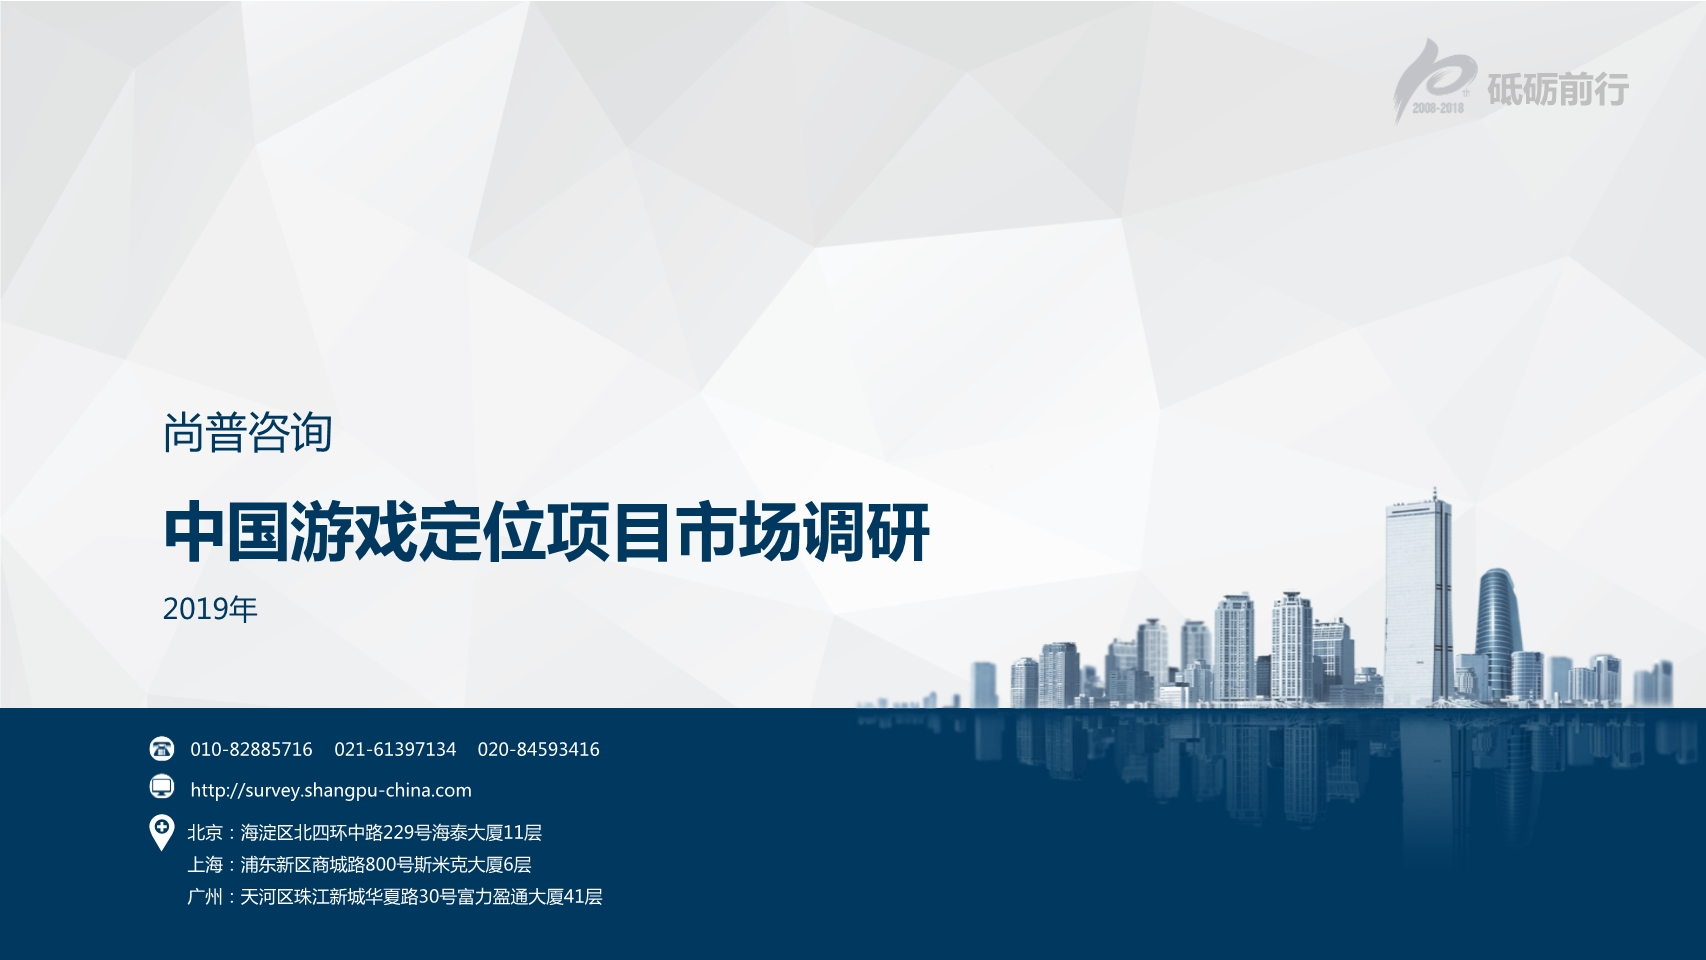 尚普咨询-中国游戏定位项目市场调研